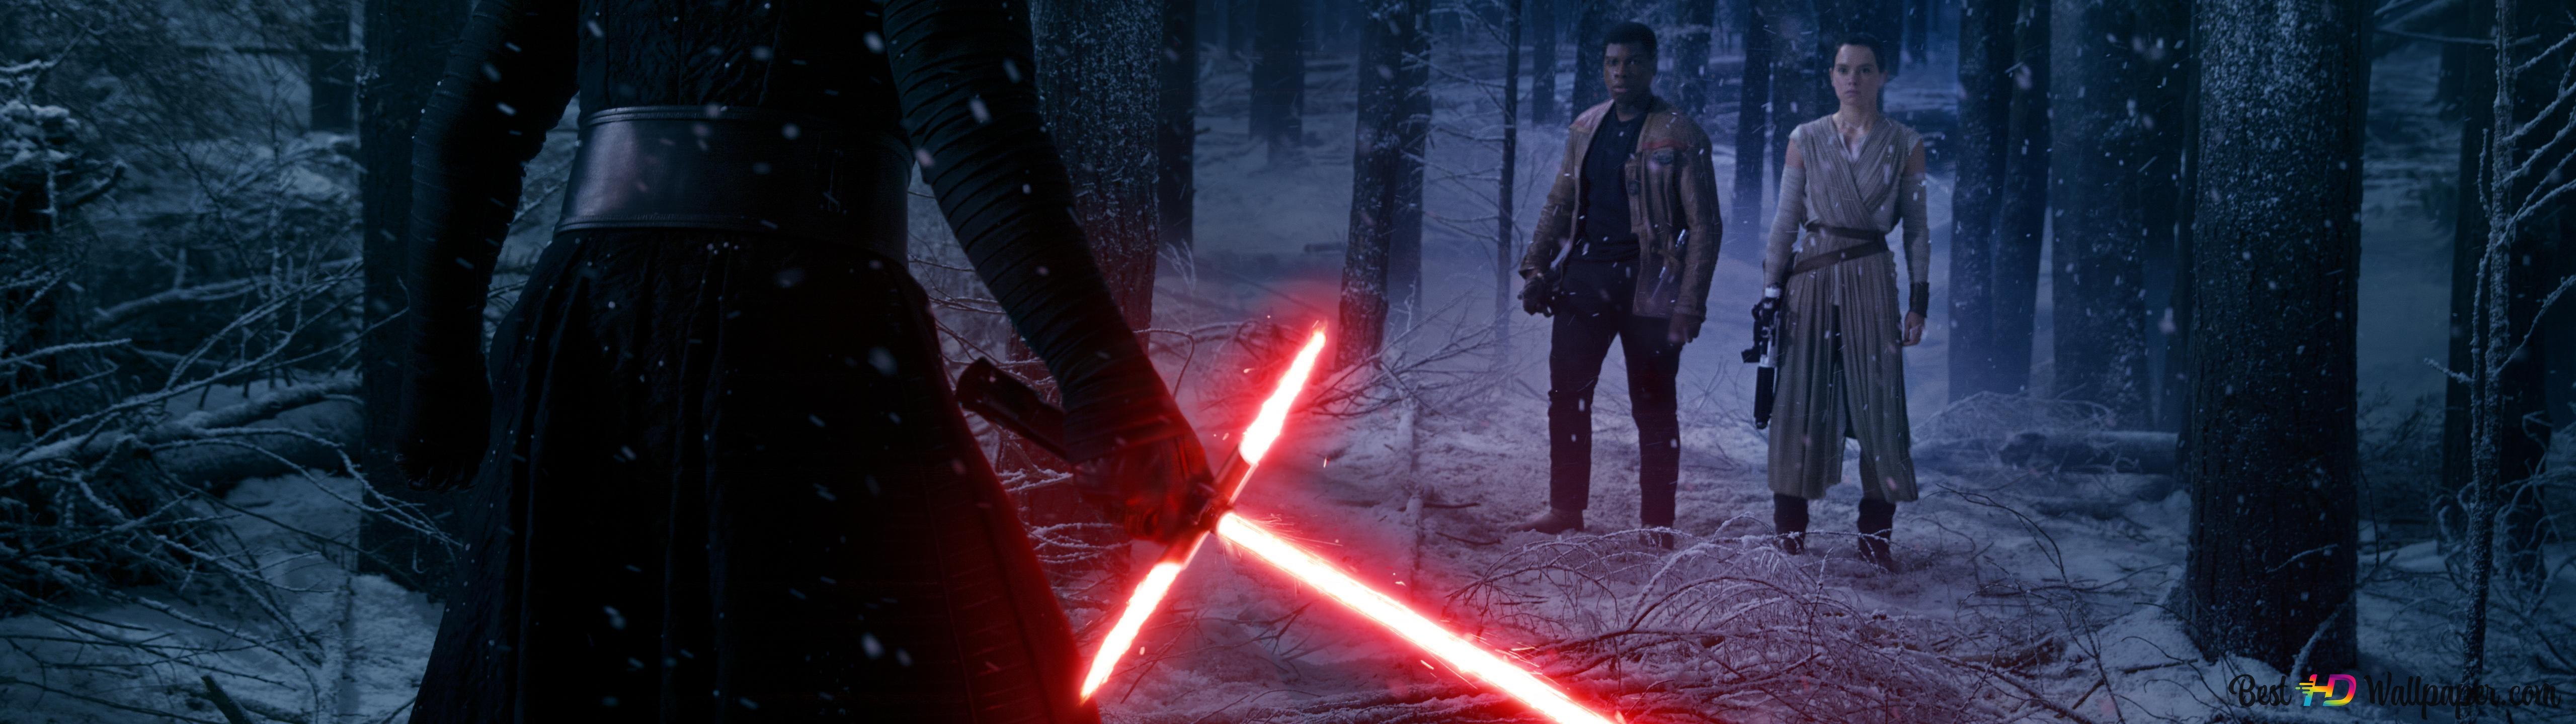 Descargar Fondo De Pantalla Star Wars Episodio Vii La